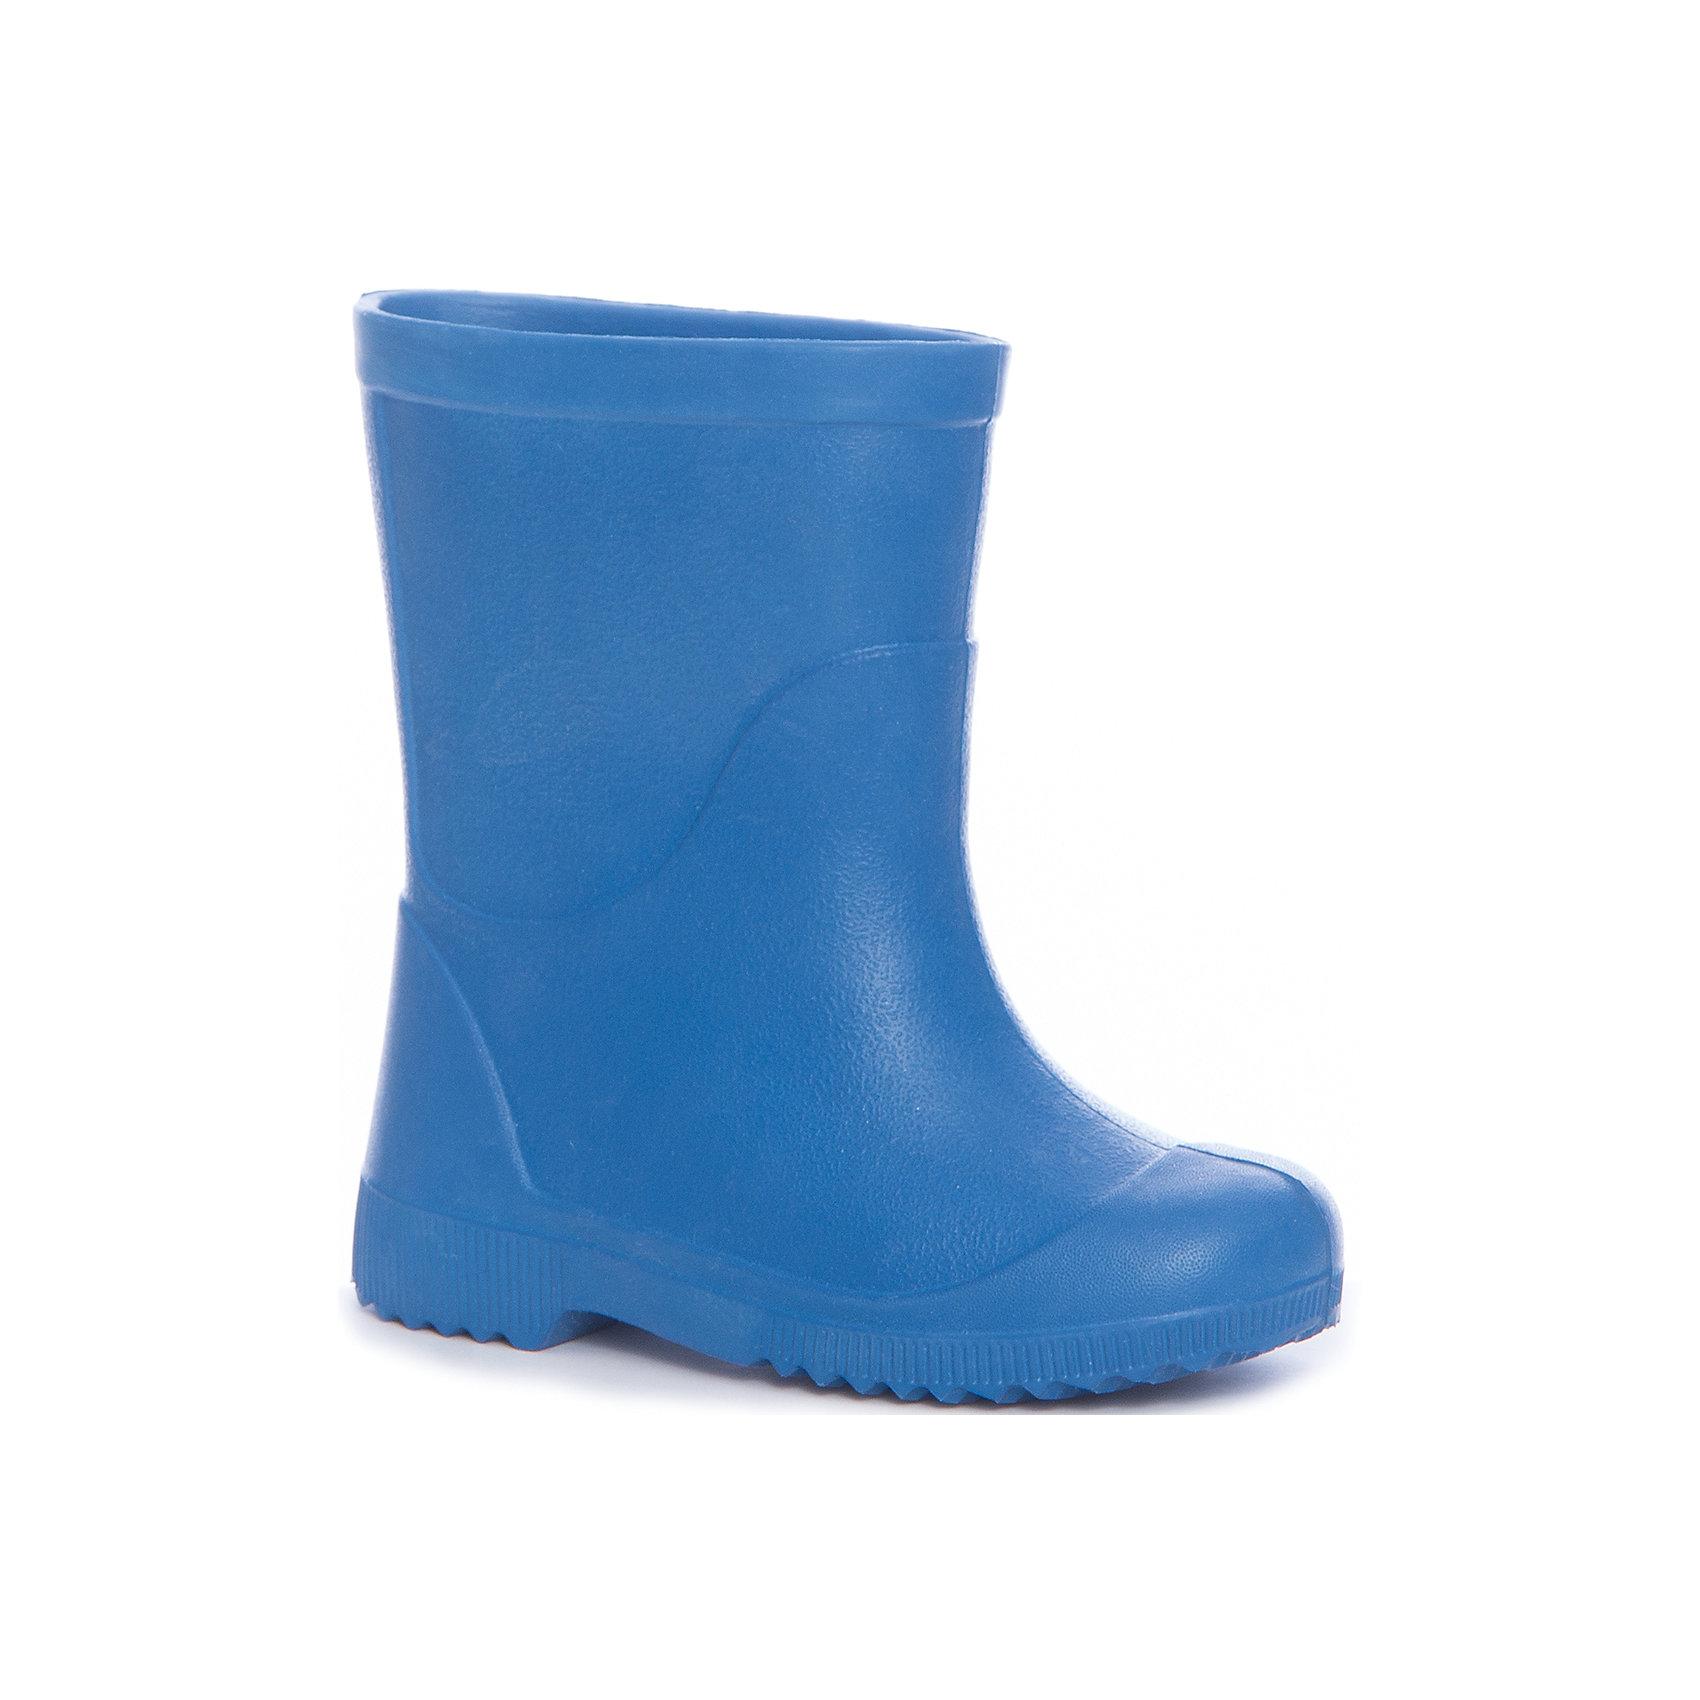 Резиновые сапоги Nordman для мальчикаРезиновые сапоги<br>Характеристики товара:<br><br>• цвет: синий<br>• материал верха: ЭВА<br>• подклад: ЭВА<br>• стелька: ЭВА<br>• подошва: ЭВА<br>• сезон: демисезон<br>• температурный режим: от +10<br>• непромокаемые<br>• подошва не скользит<br>• анатомические <br>• страна бренда: Россия<br>• страна изготовитель: Россия<br><br>Резиновые сапоги синего цвета. Сапоги выполнены их ЭВА материала, что делает их очень легкими. Резиновые на рифленой подошве, без подкладки. <br><br>Резиновые сапоги Nordman (Нордман) можно купить в нашем интернет-магазине.<br><br>Ширина мм: 257<br>Глубина мм: 180<br>Высота мм: 130<br>Вес г: 420<br>Цвет: синий<br>Возраст от месяцев: 132<br>Возраст до месяцев: 144<br>Пол: Мужской<br>Возраст: Детский<br>Размер: 34/35,22/23,24/25,26/27,28/29,30/31,32/33<br>SKU: 6867237